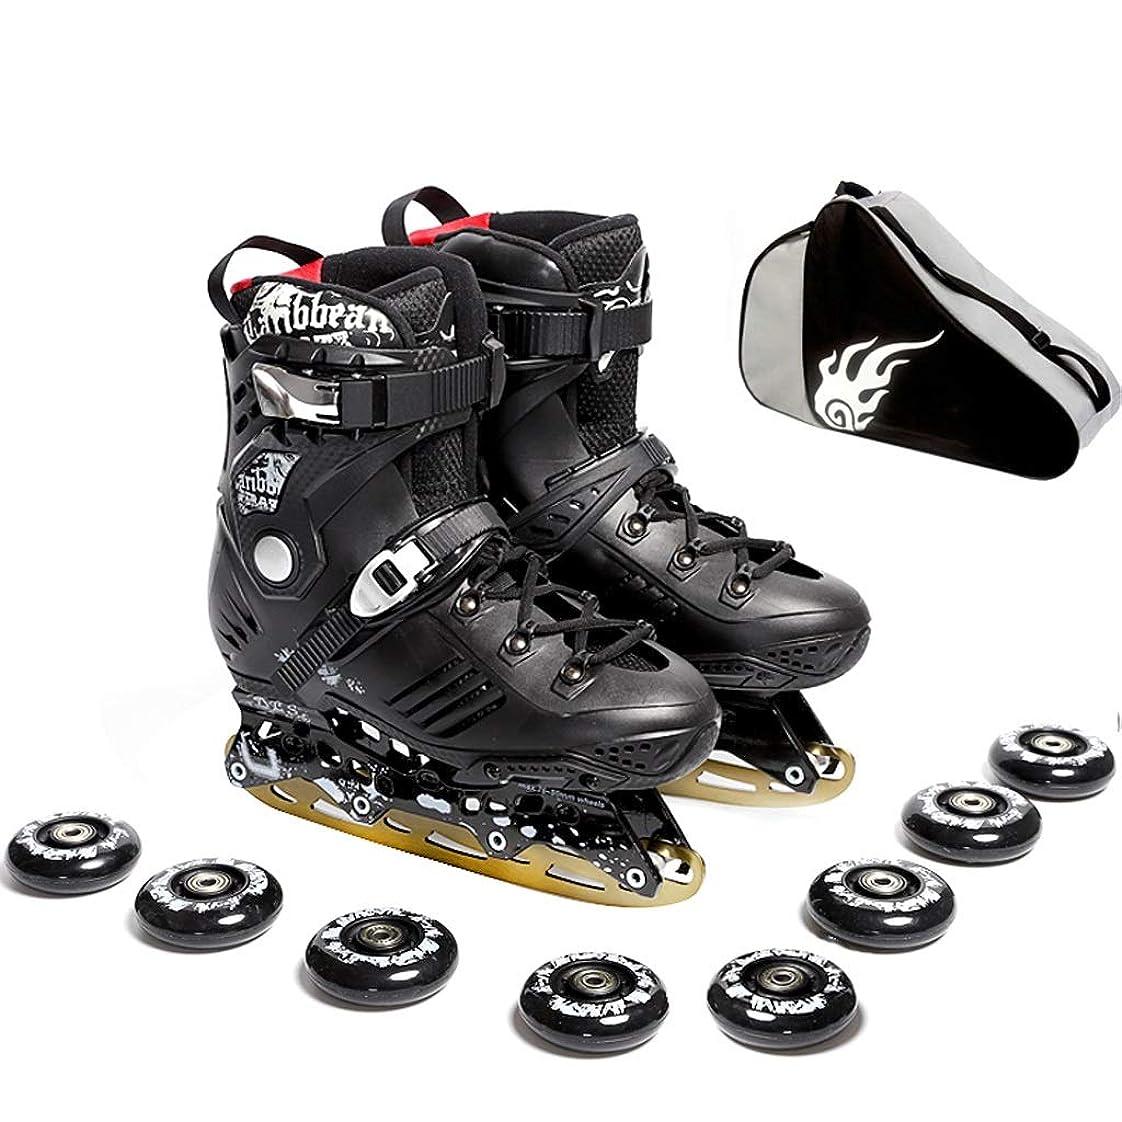 哲学怪物全員インラインスケート インラインスケート大人用初心者向けスピードスケート靴、ダブルショックアブソーバーデザイン、快適で ローラースケート (Color : A, Size : EU 41/US 8/UK 7/JP 25.5cm)